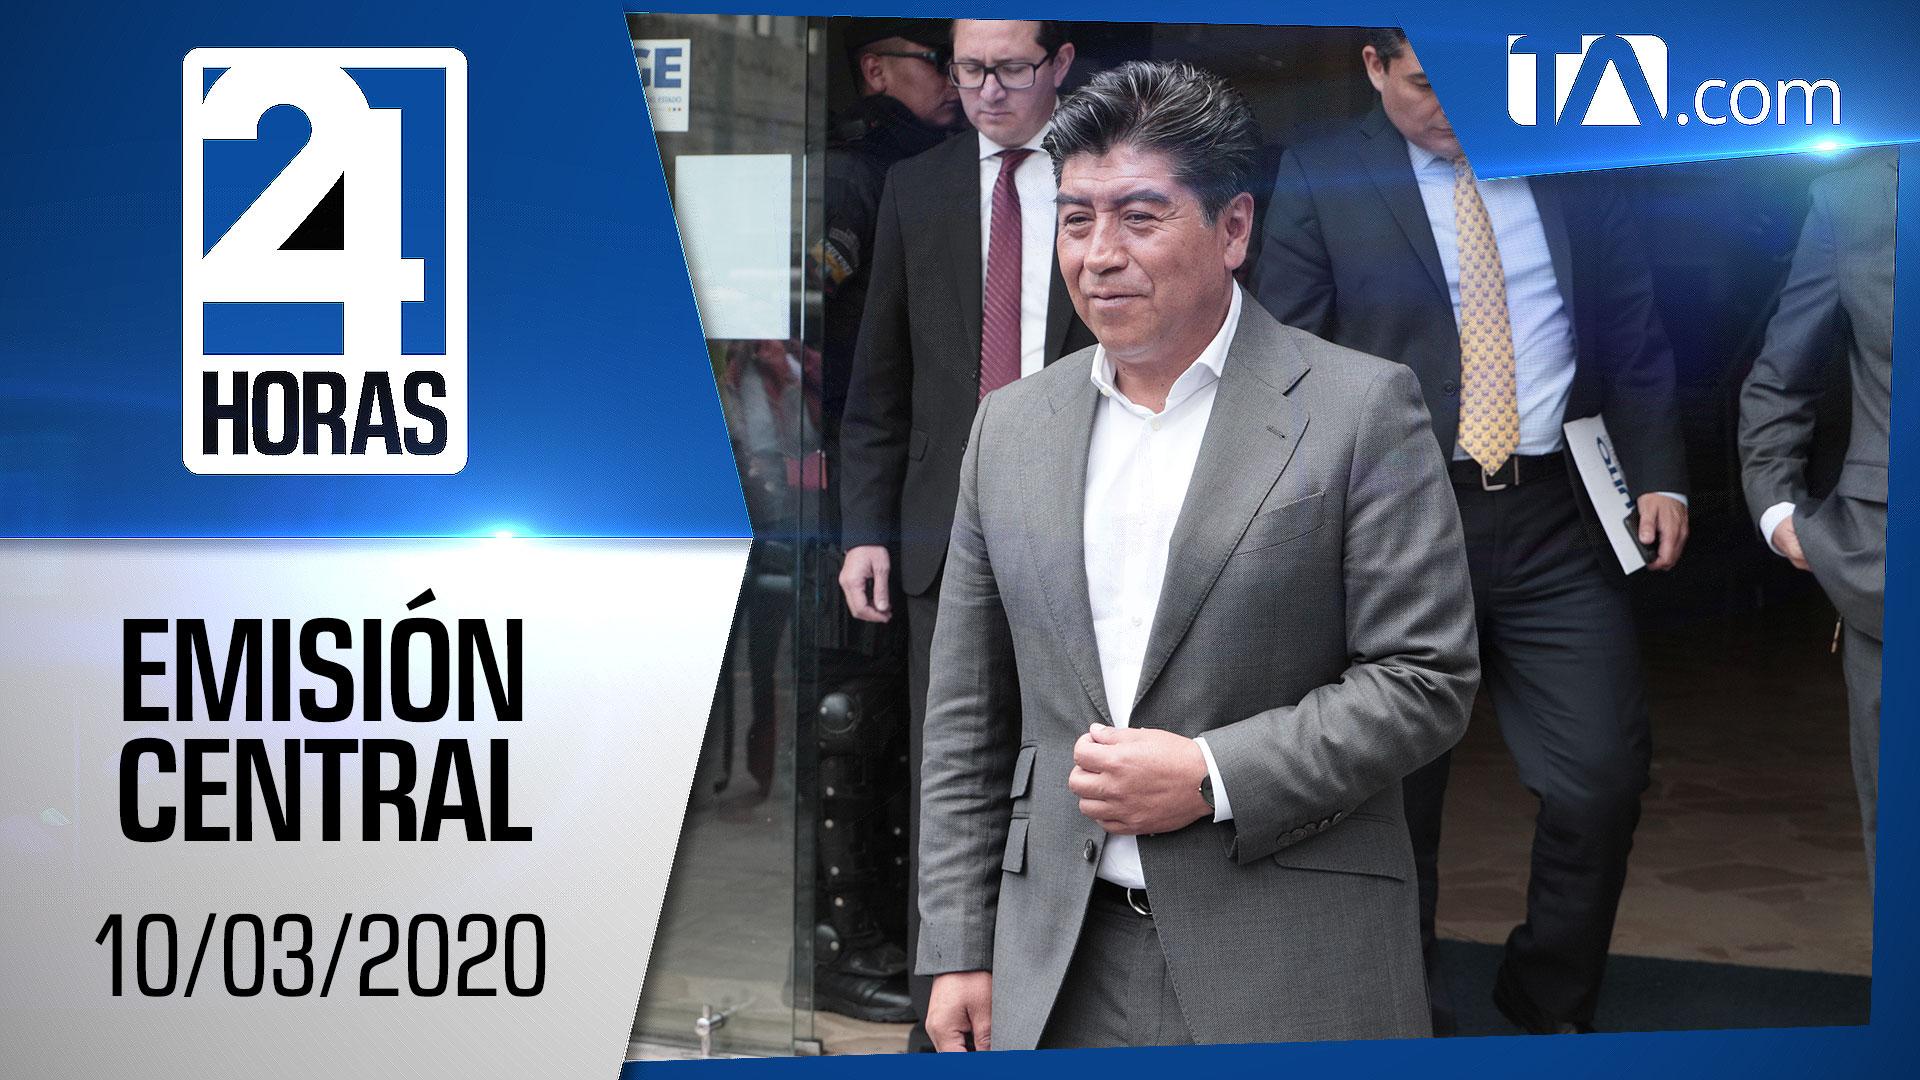 Noticiero 24 Horas, 10/03/2020 (Emisión Central)